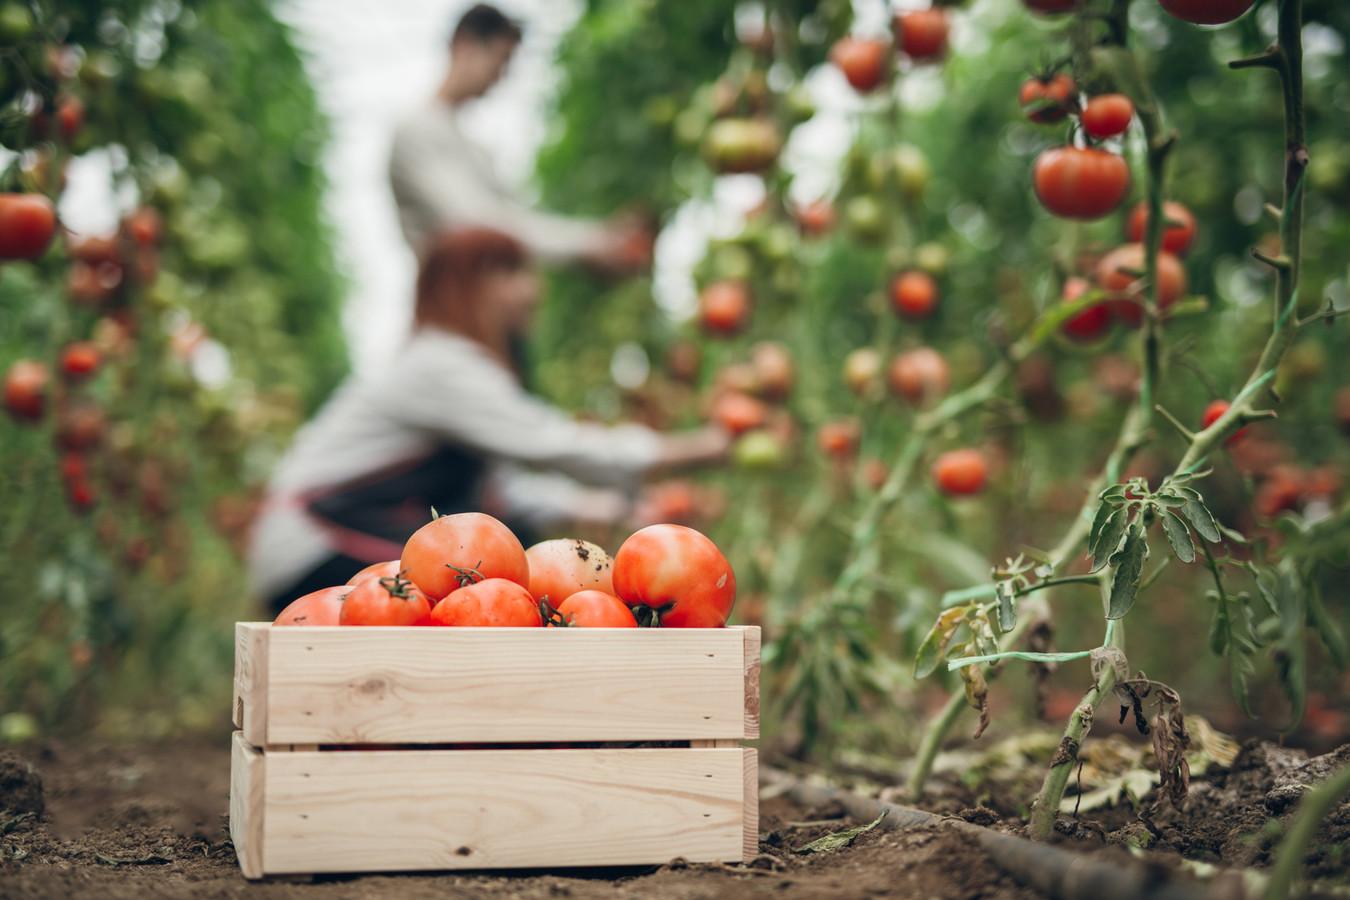 Arbeidsmigranten oogsten tomaten in een kas.